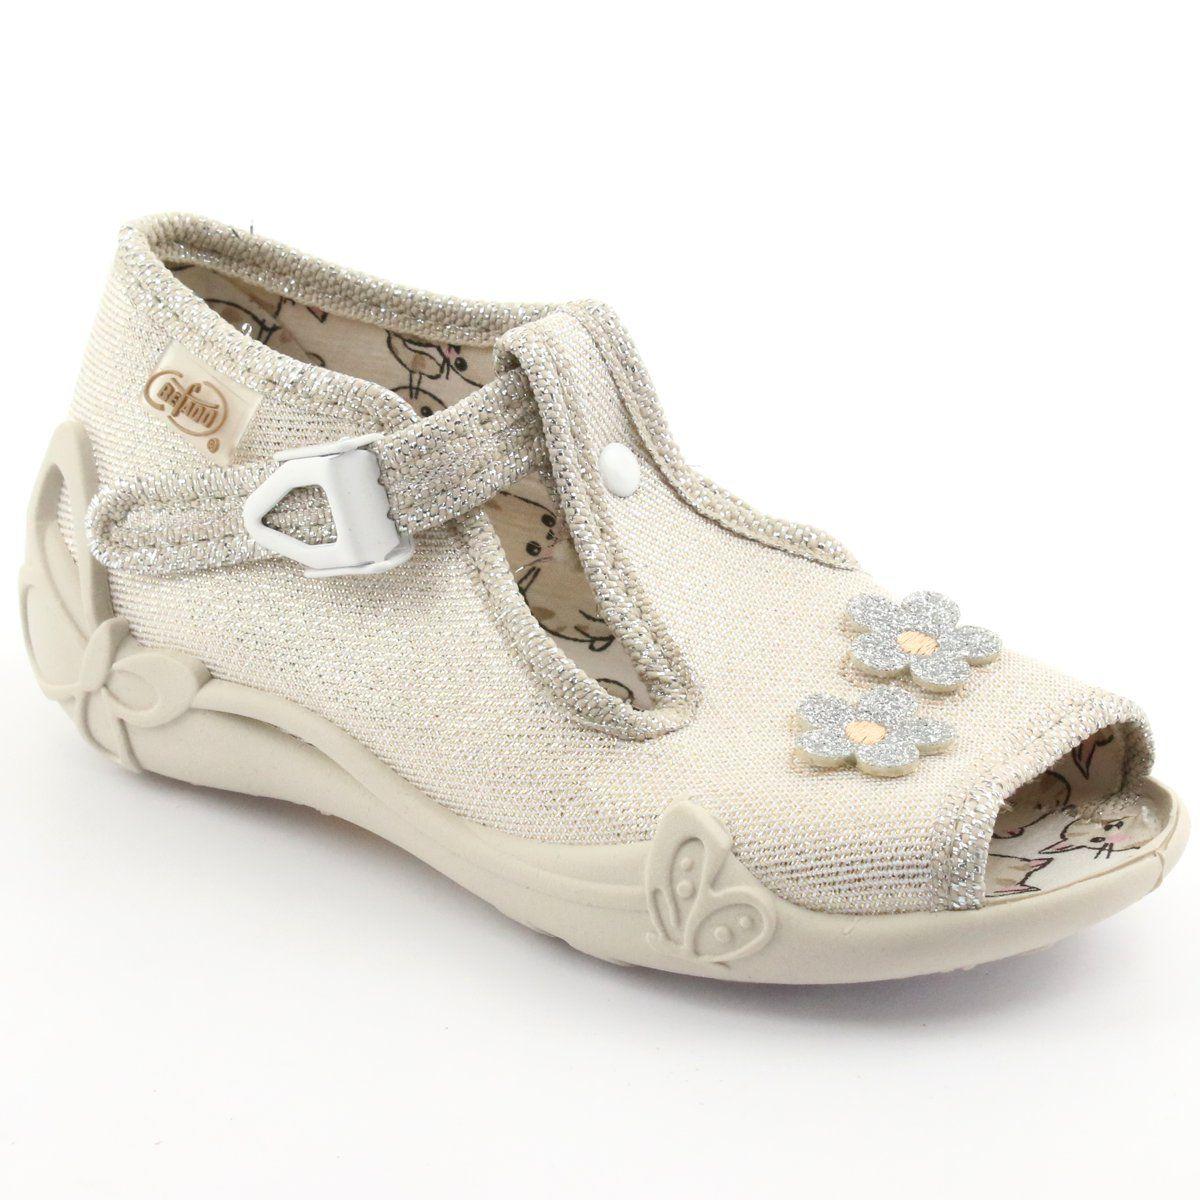 Kapcie Dzieciece Dla Dzieci Befado Szare Befado Obuwie Dzieciece 213p110 Shoes Sneakers Fashion